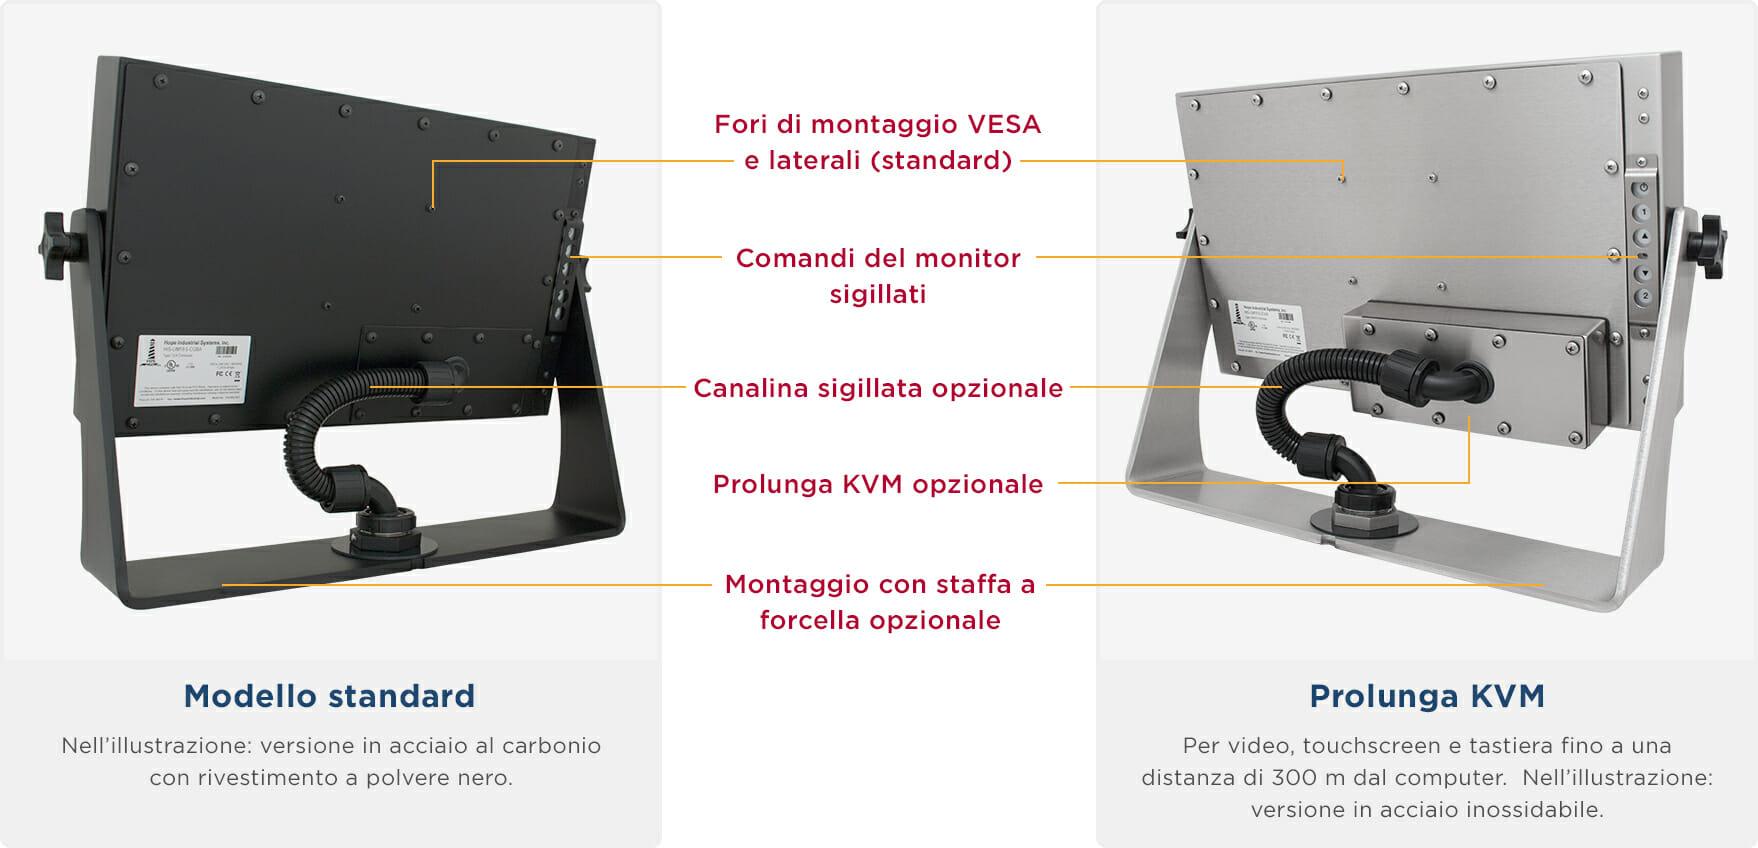 Vedute posteriori di monitor da 19,5'' con formato widescreen e grado di protezione IP65/IP66 per montaggio universale che mostrano le caratteristiche e le opzioni degli enclosure industriali